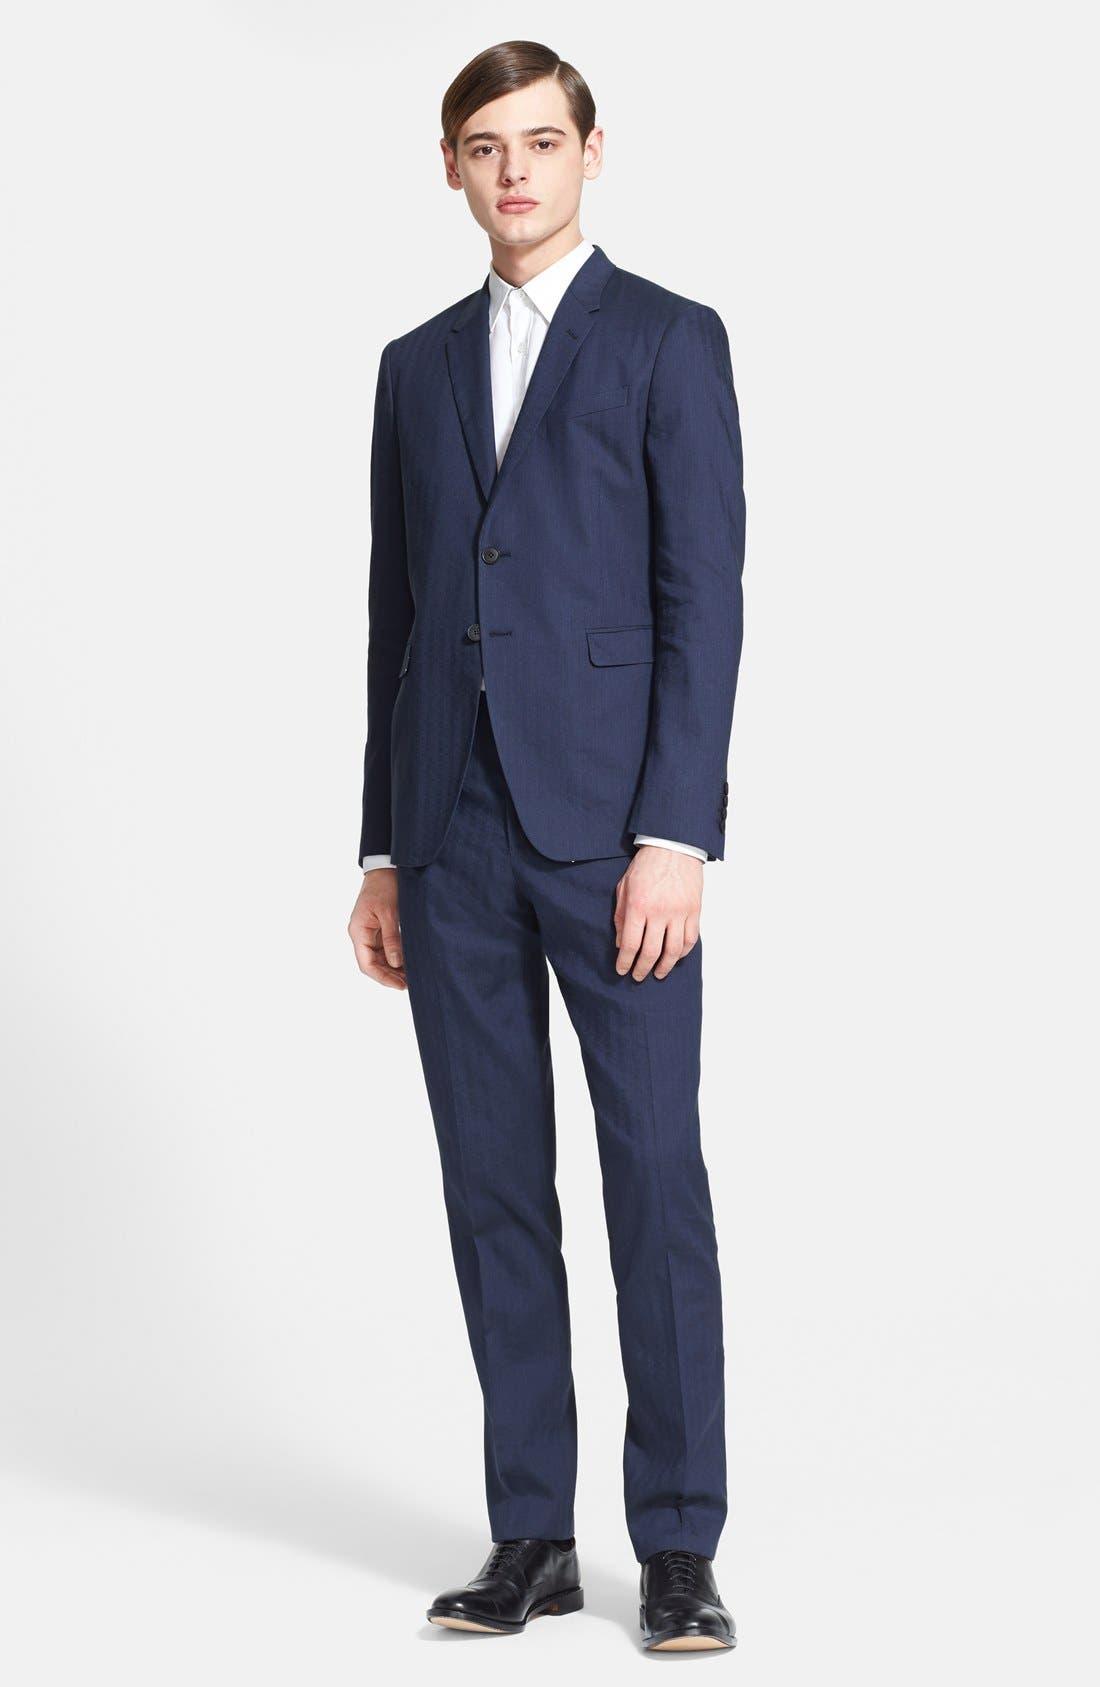 Main Image - Paul Smith London 'Kensington' Dot Check Linen Blend Suit